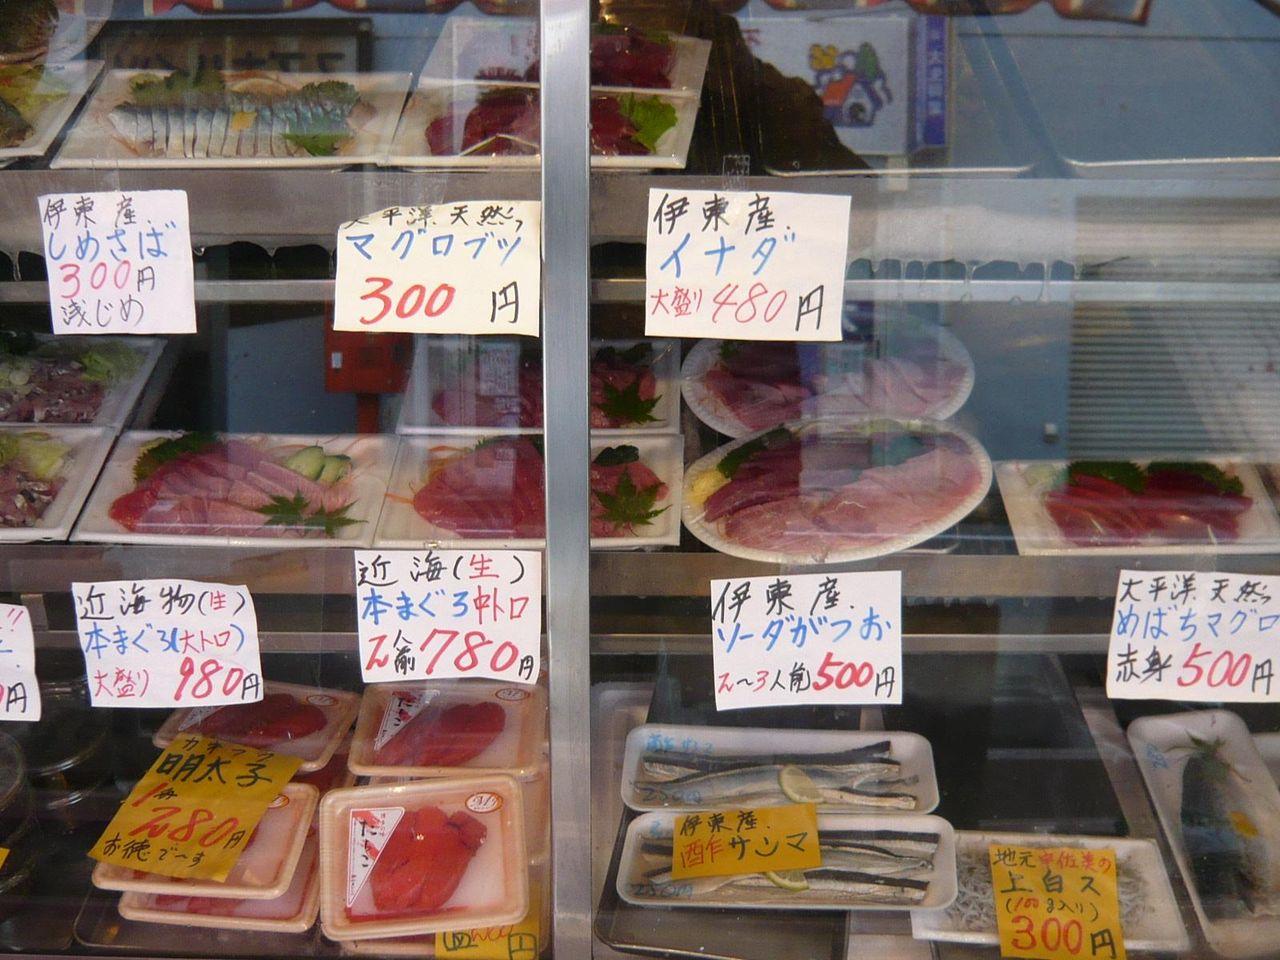 旨そうな刺身も販売しています。